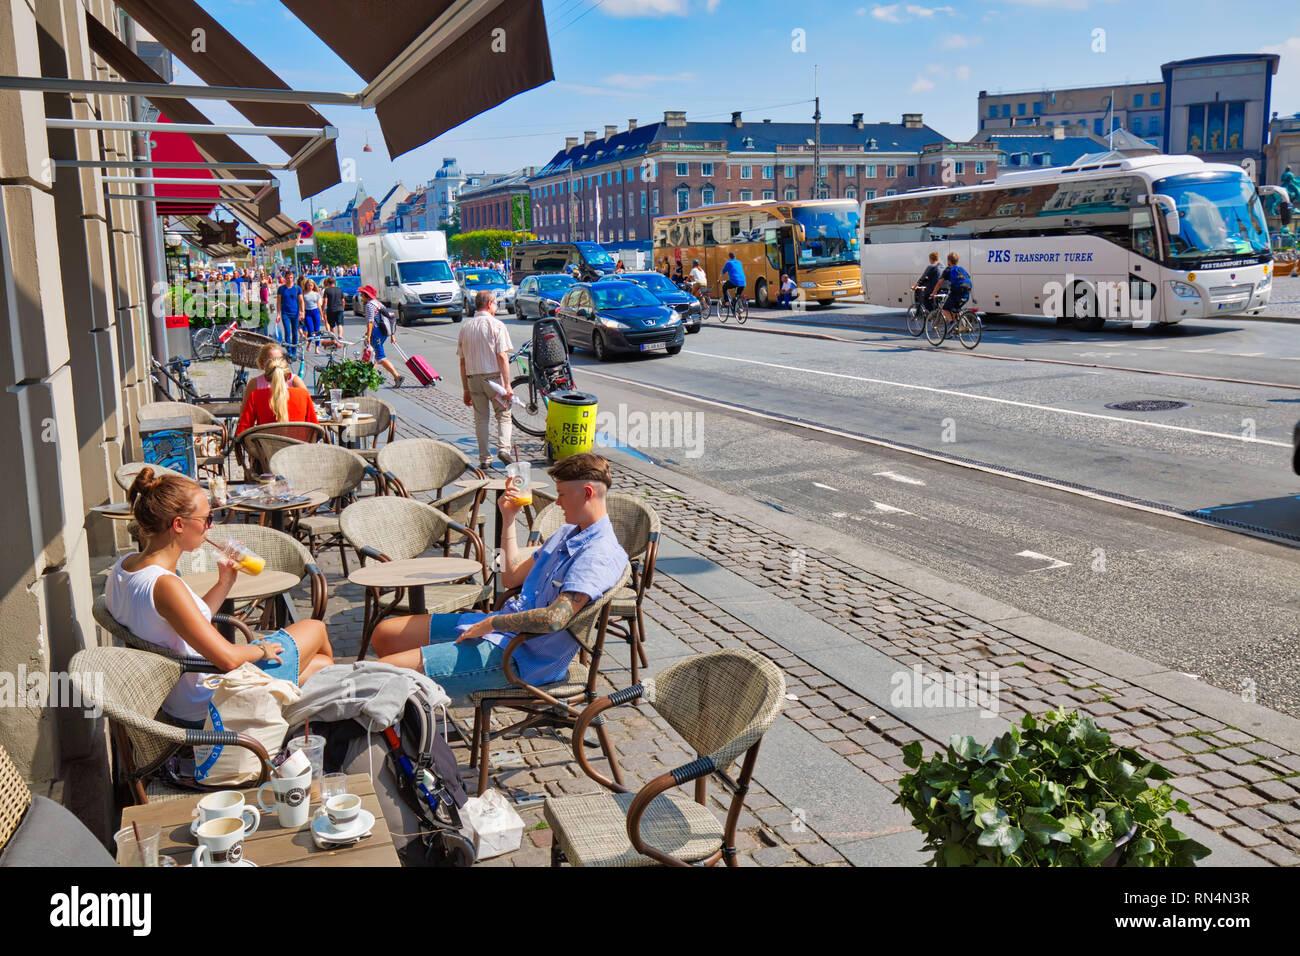 Copenhagen, Denmark-2 August, 2018 Copenhagen, Kongens Nytorv central city square - Stock Image